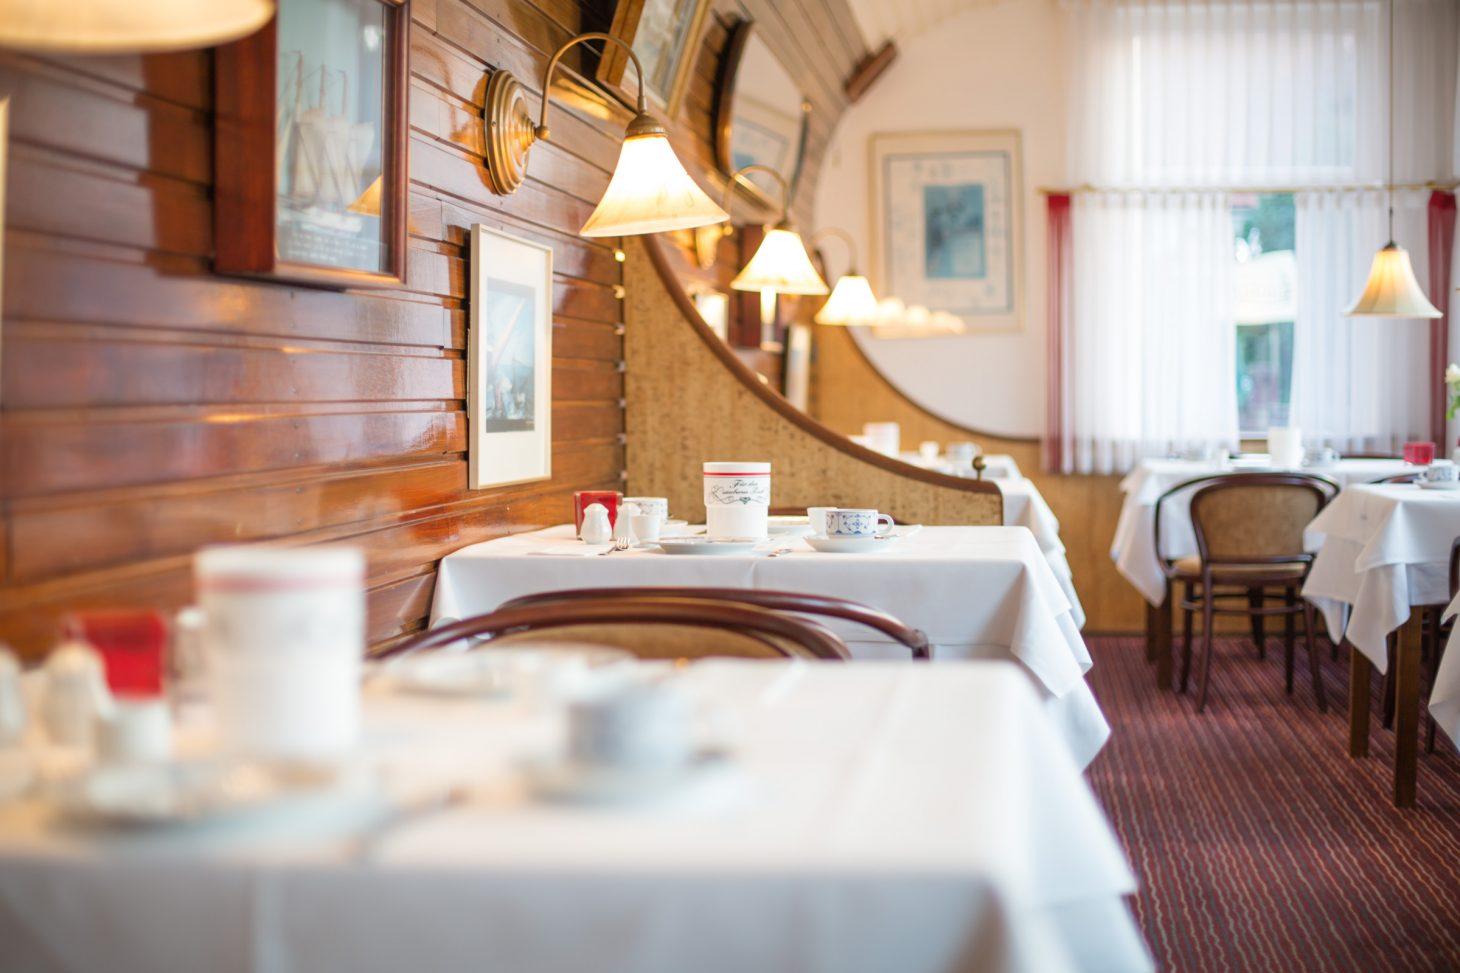 hotel-janssen-2016-09-14-024